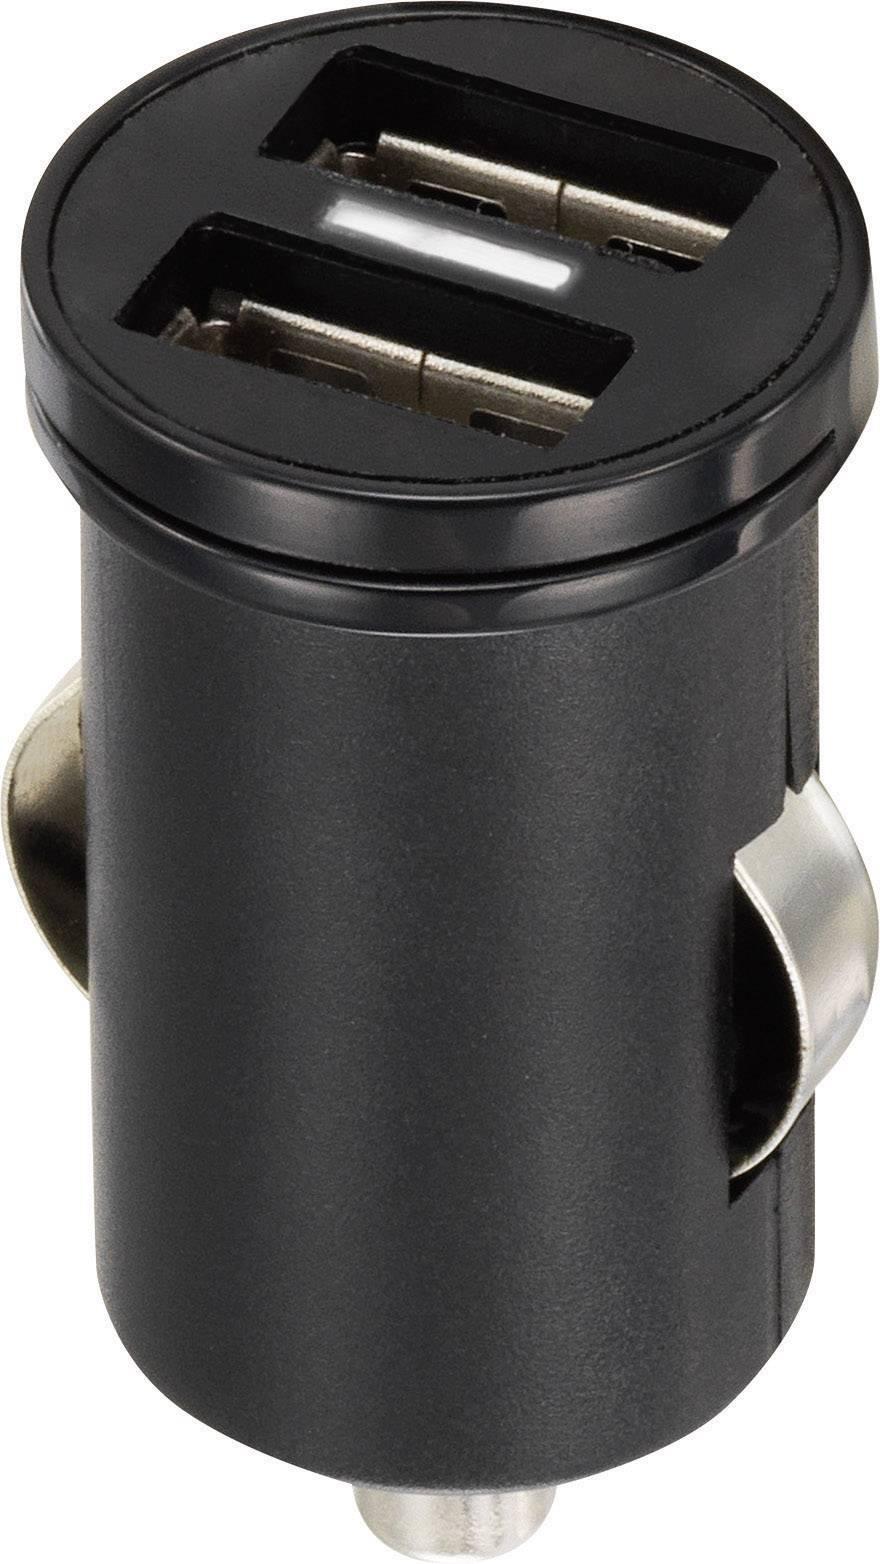 USB napájecí zdroj do autozásuvky Voltcraft CPS-2400/2, 2x 1200 mA